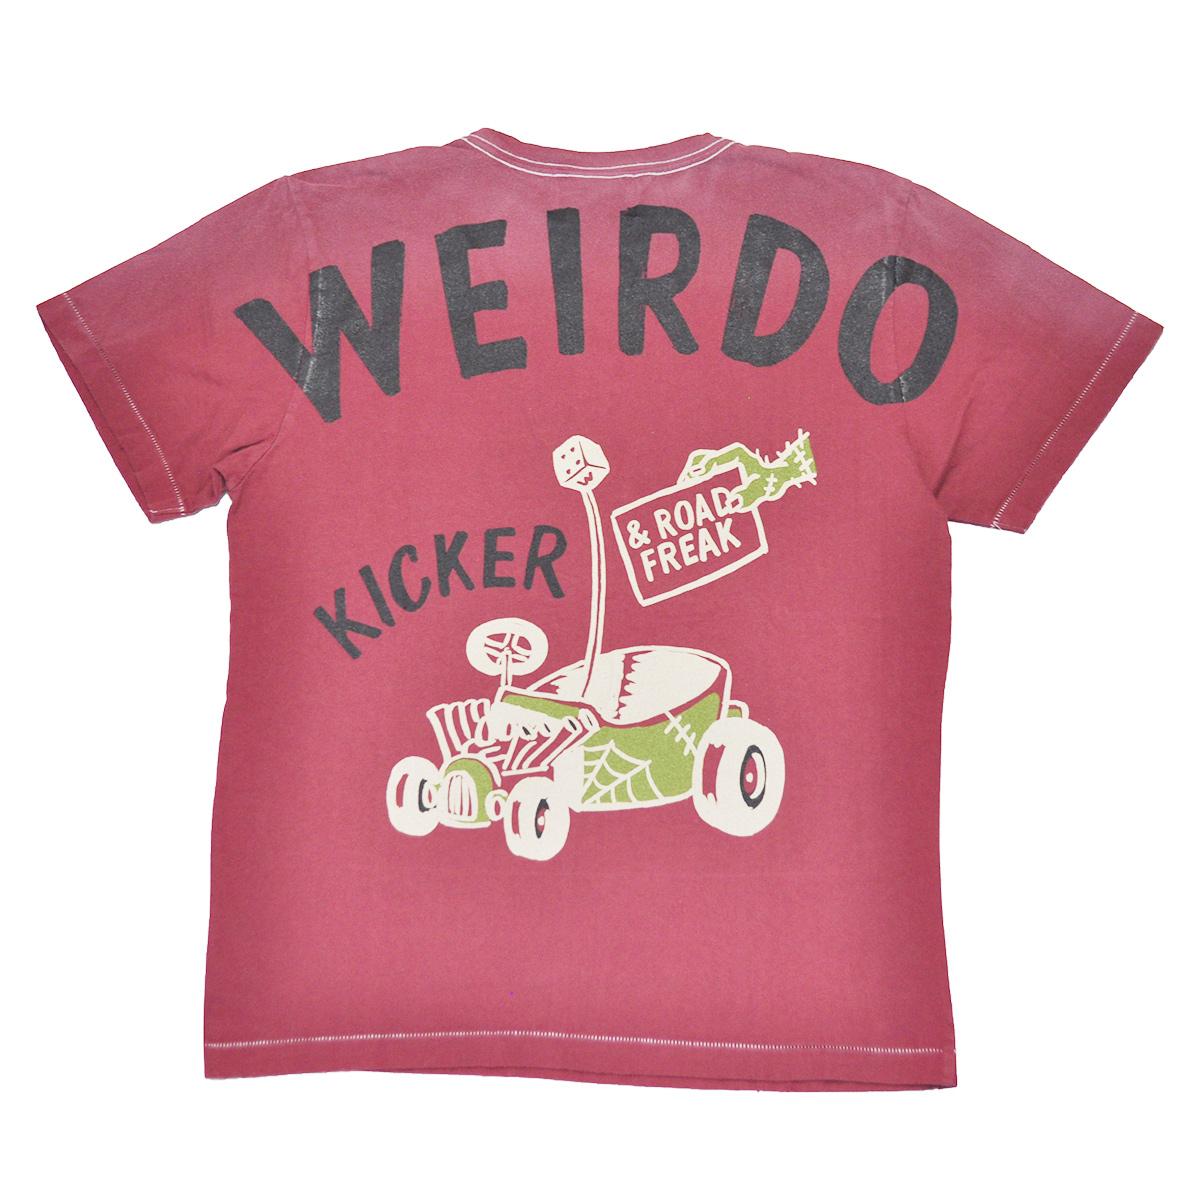 【残りSサイズのみ】WEIRDO ROAD FREAK KICKER - S/S T-SHIRTS (BURGUNDY) ウィアード ユーズド ビンテージ加工 Tシャツ/GLADHAND/グラッドハンド/GANGSTERVILLE/ギャングスタービル/OLD CROW/オールドクロウ